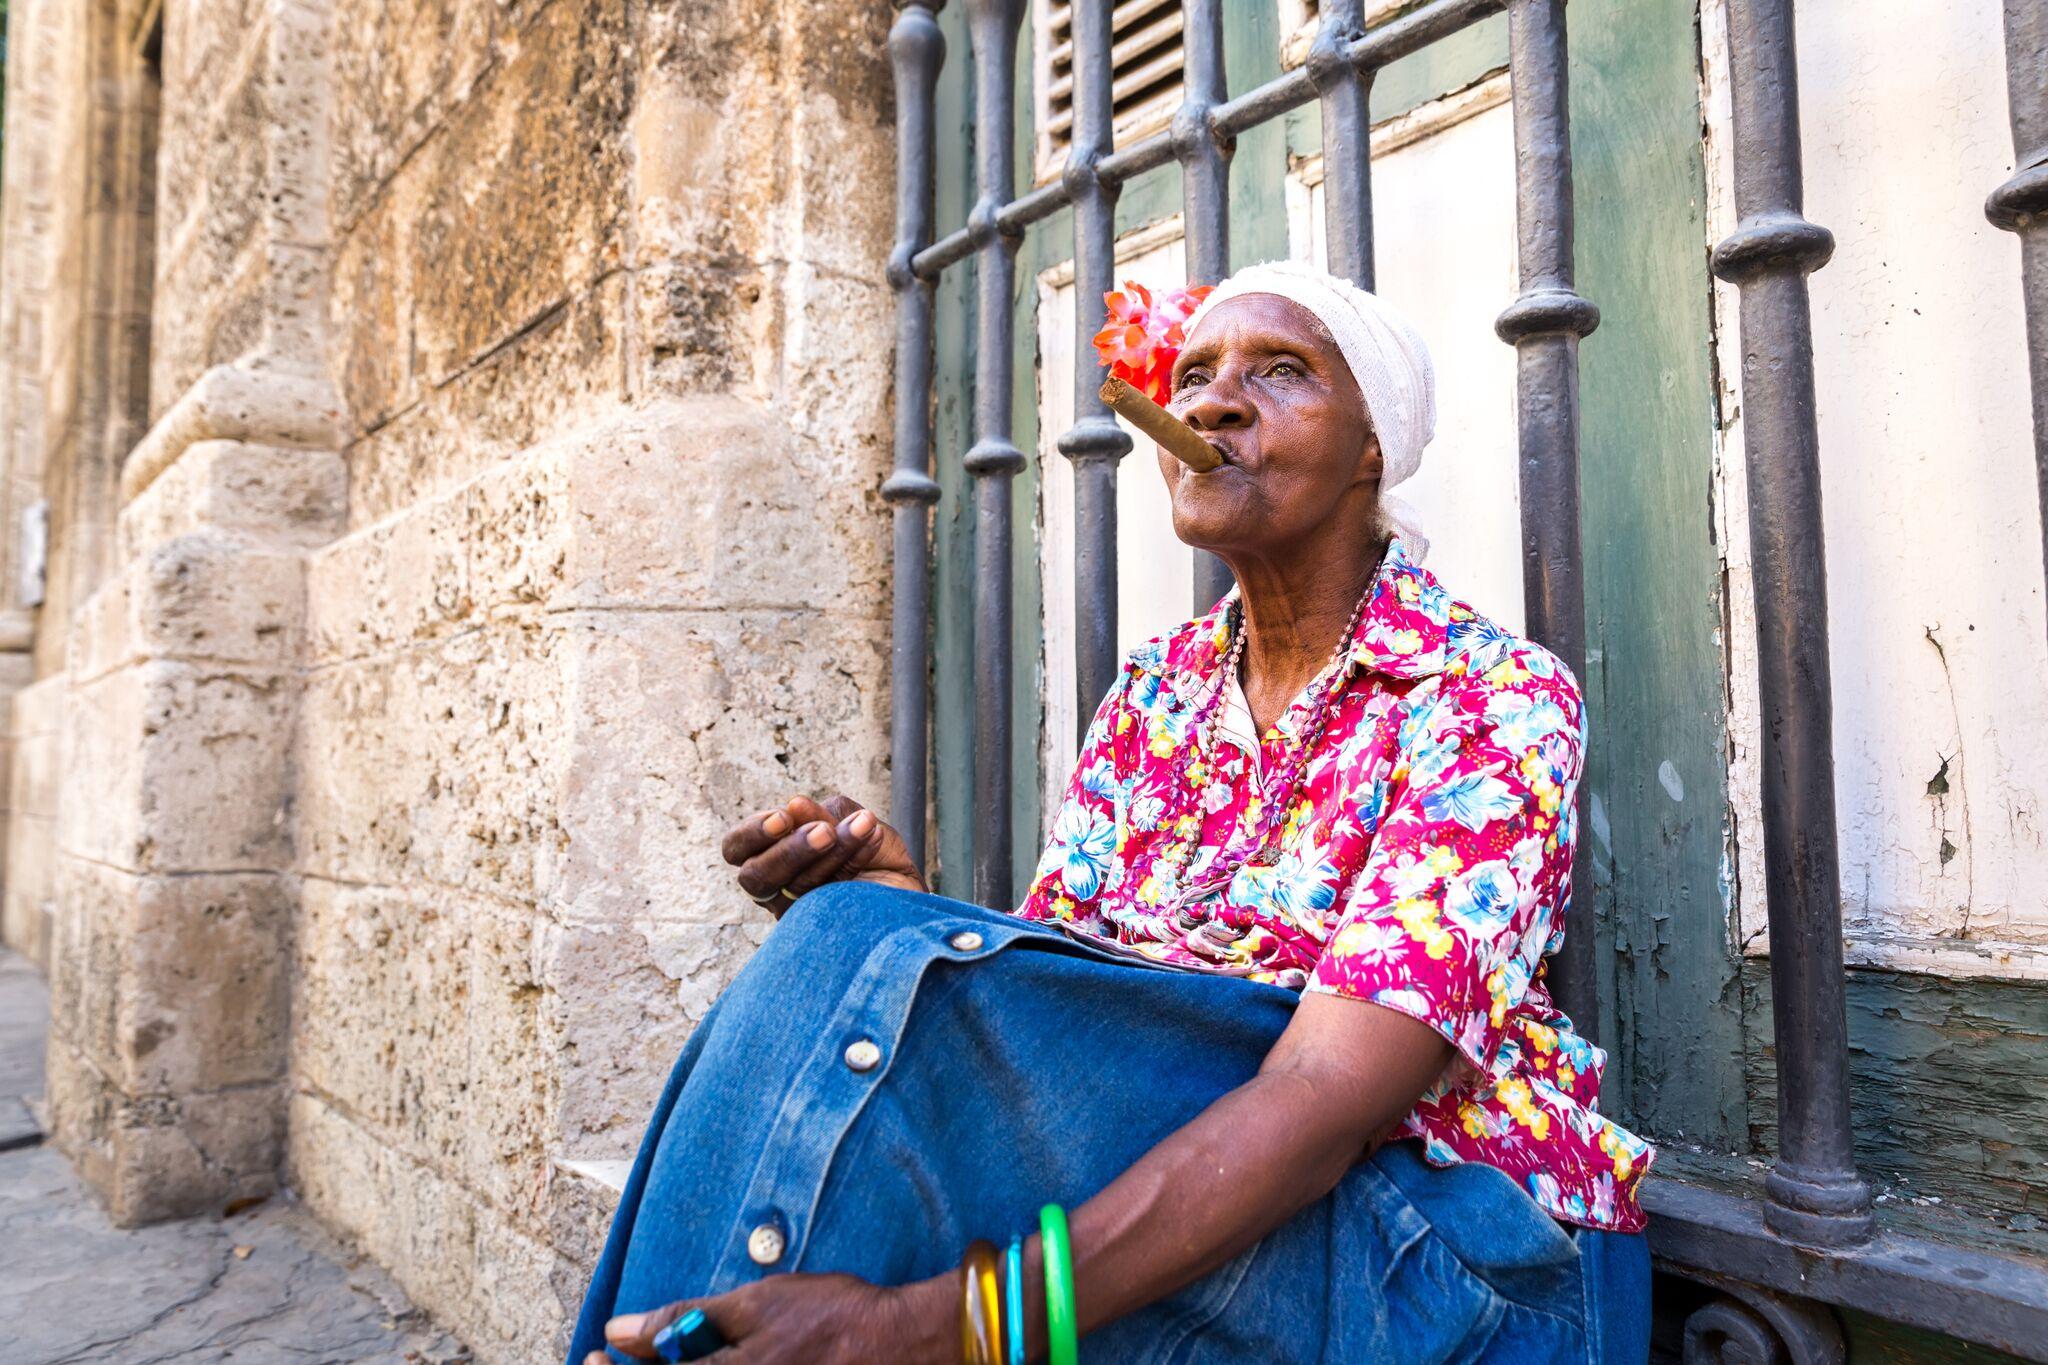 Kuba in den straßen.jpeg